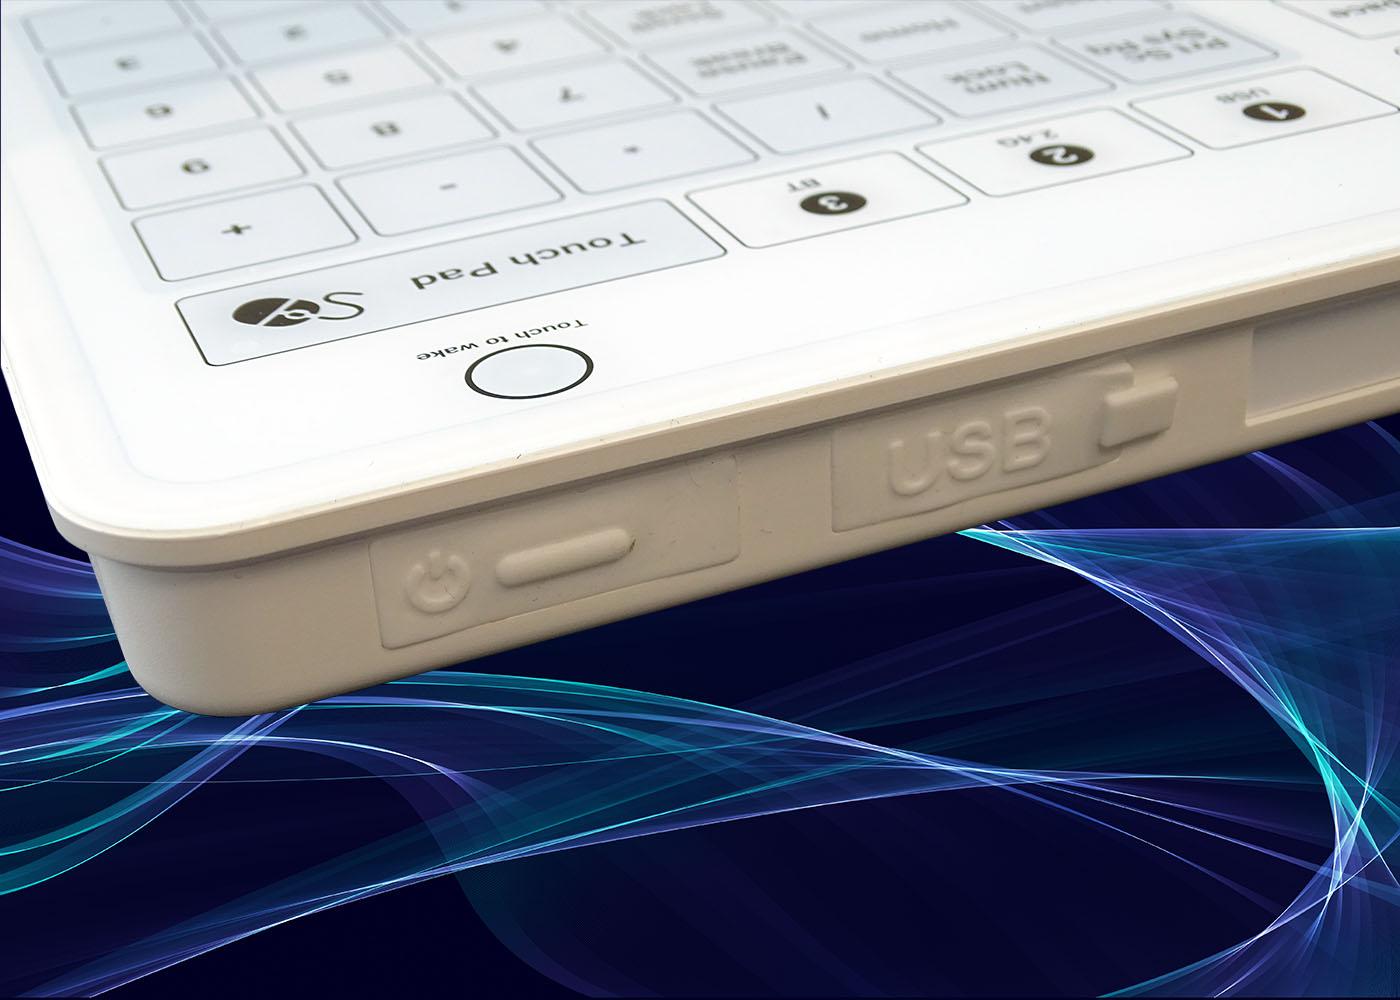 B45 : clavier verre étanche, USB, RF 2,4 Ghz, Bluetooth® – Vue côté connectique